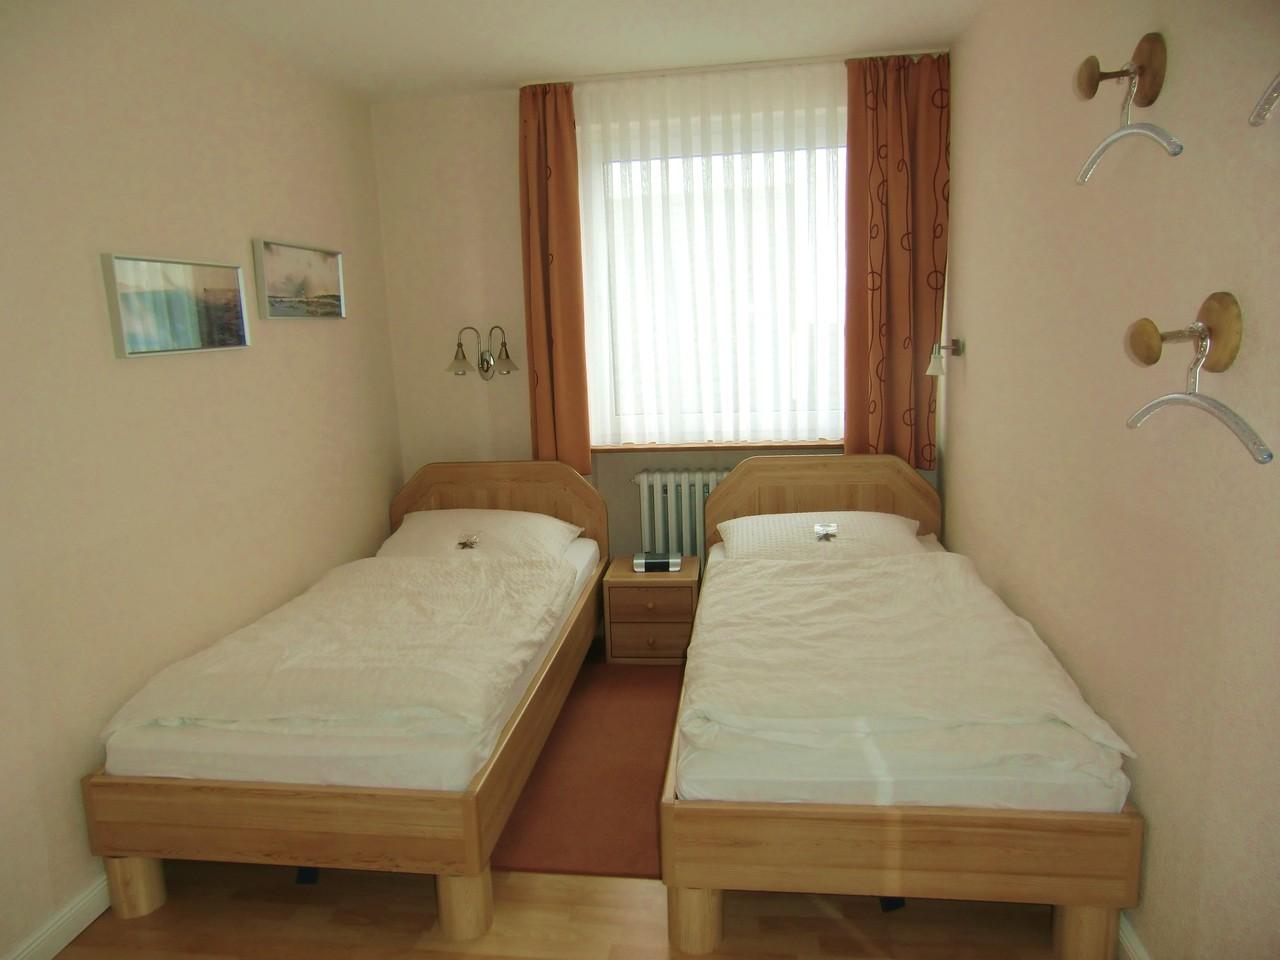 Delightful Schlafzimmer Radiowecker #8: Mit Radiowecker. Das Schlafzimmer Ist Mit Zwei Einzelbetten Ausgestattet,  Nach Wunsch Aber Auch Gerne Als Doppelbett Buchbar.